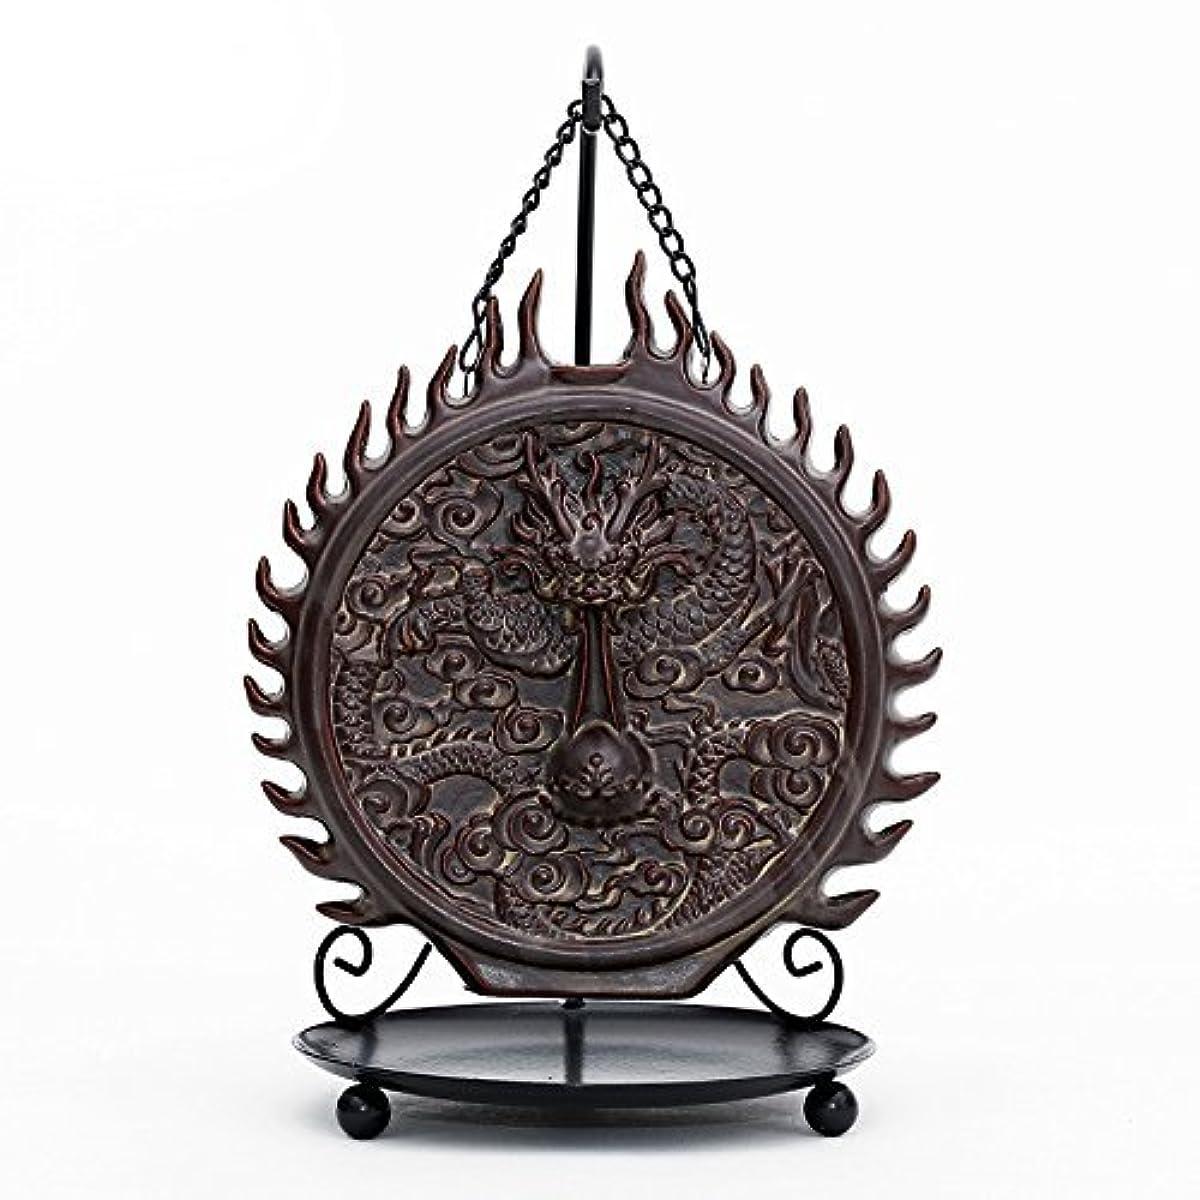 どこ瞑想的宝倒流香 香炉 お香ホルダー 流川香 香炉用品 セラミック 置物 陶芸 開運 風水 ハンギングドラゴン